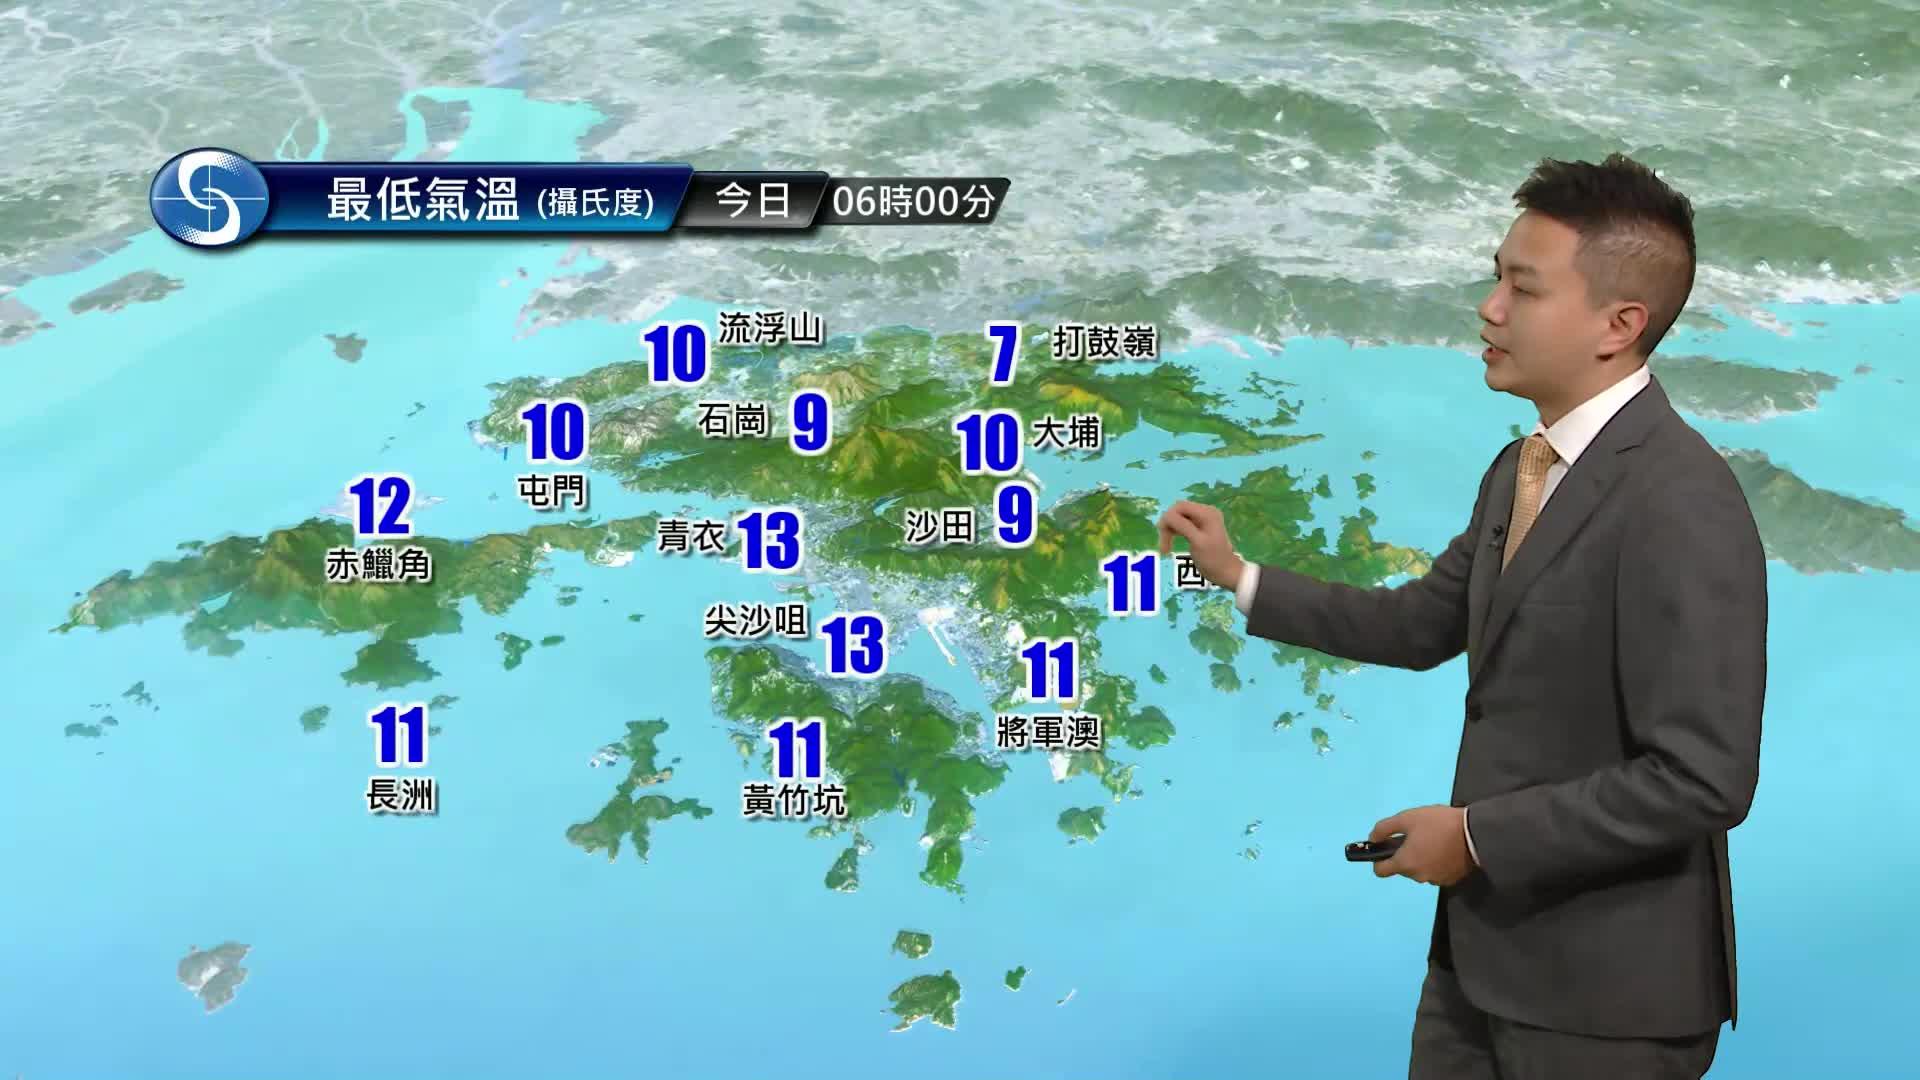 早晨天氣節目(01月19日上午7時) - 科學主任蔡子淳